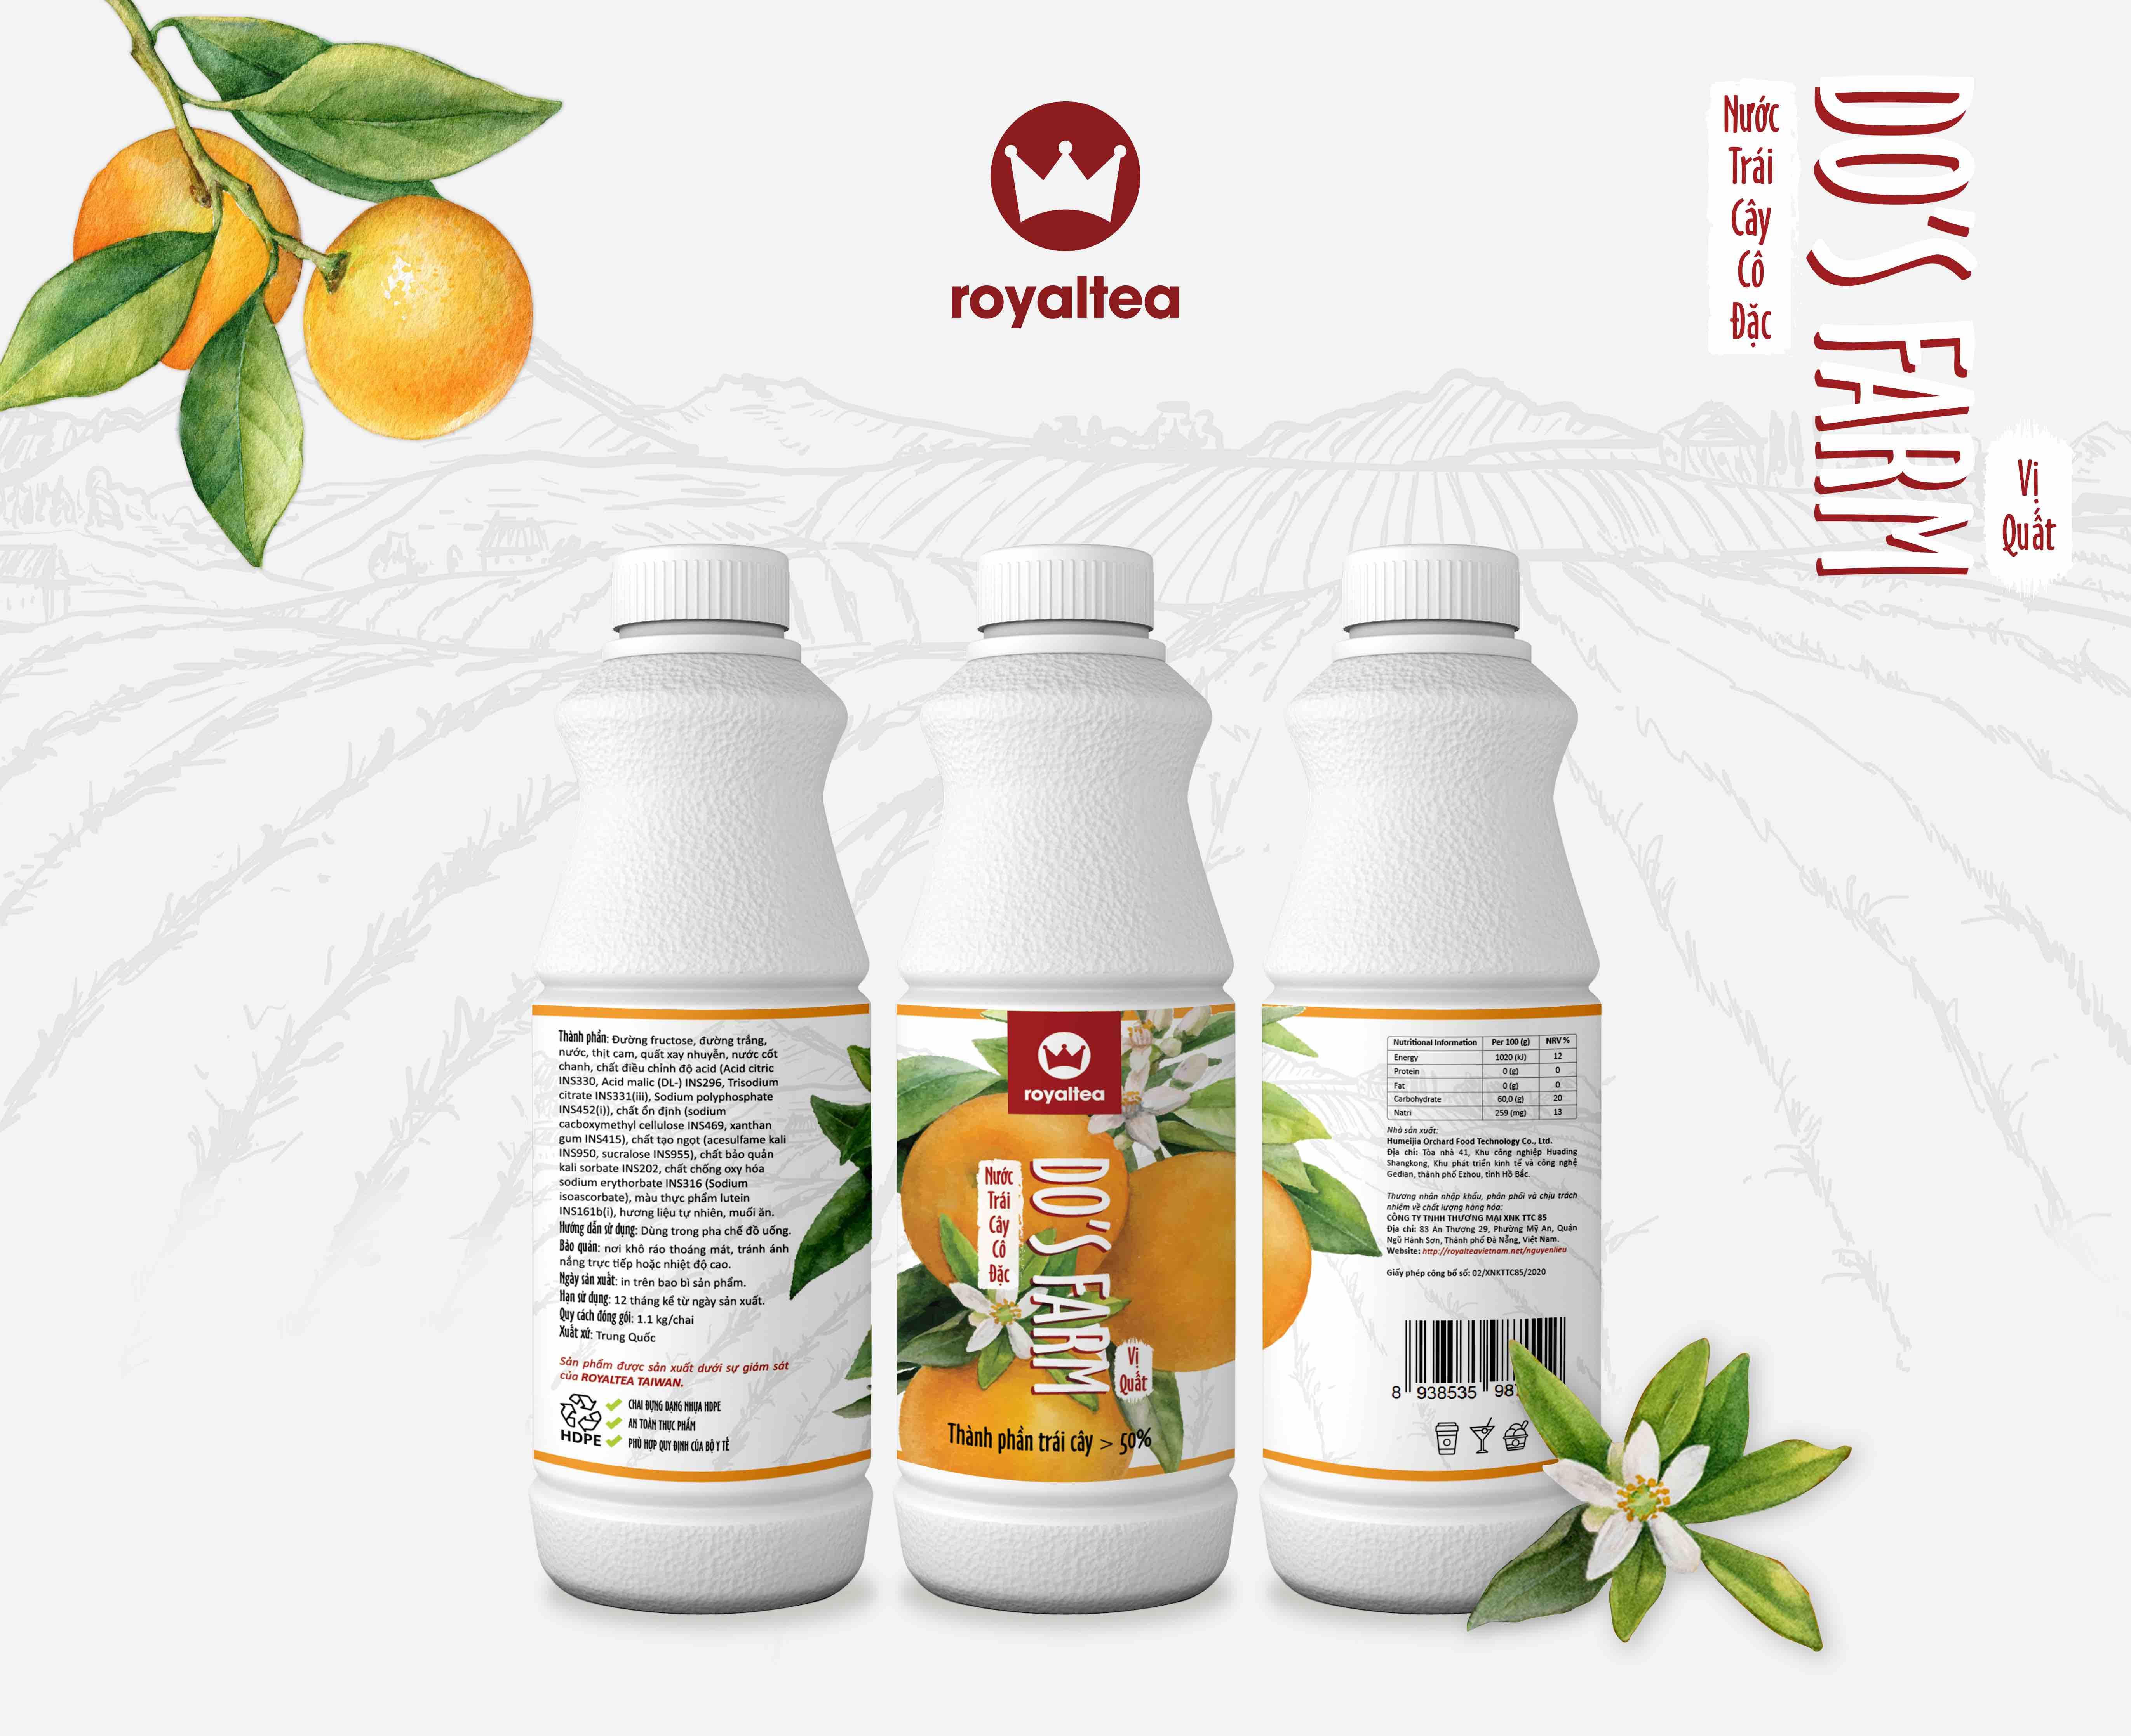 Nước trái cây cô đặc – vị quất – 190.000 VNĐ